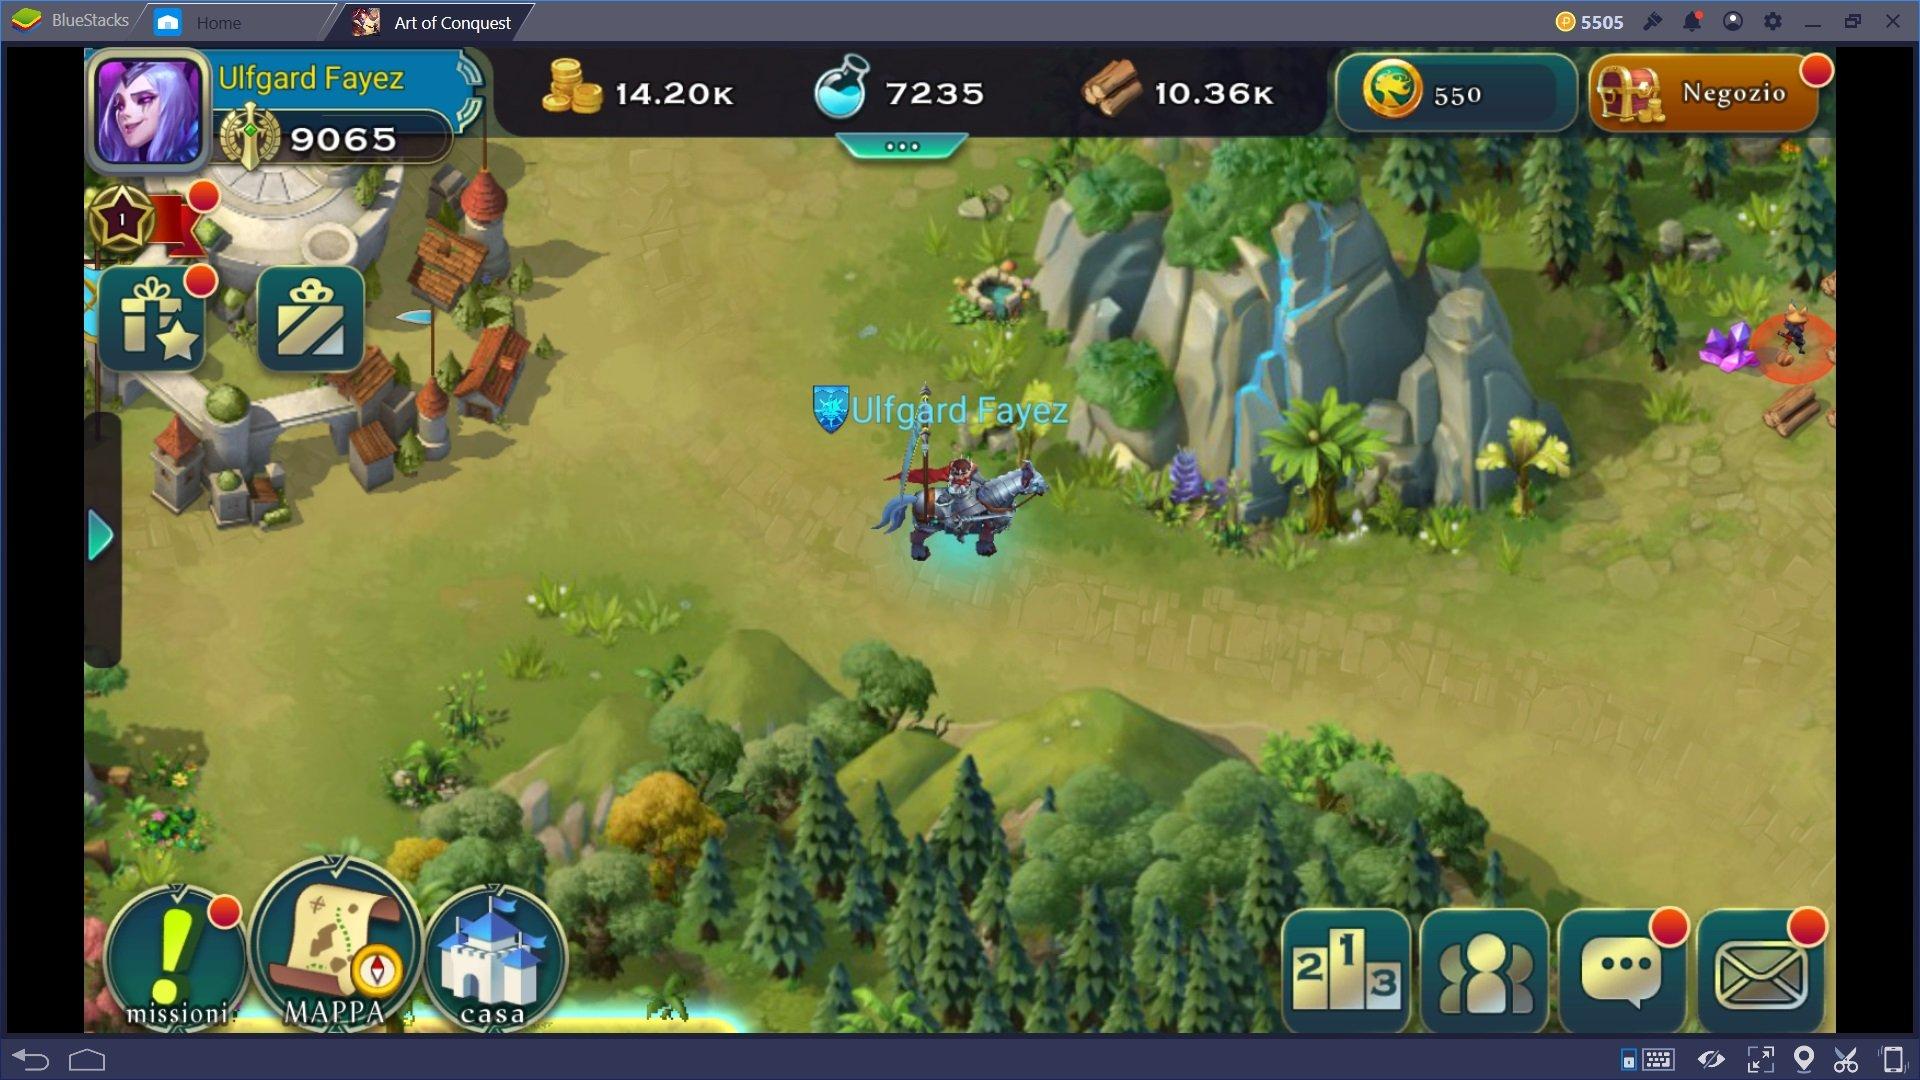 Art of Conquest: consigli utili in battaglia